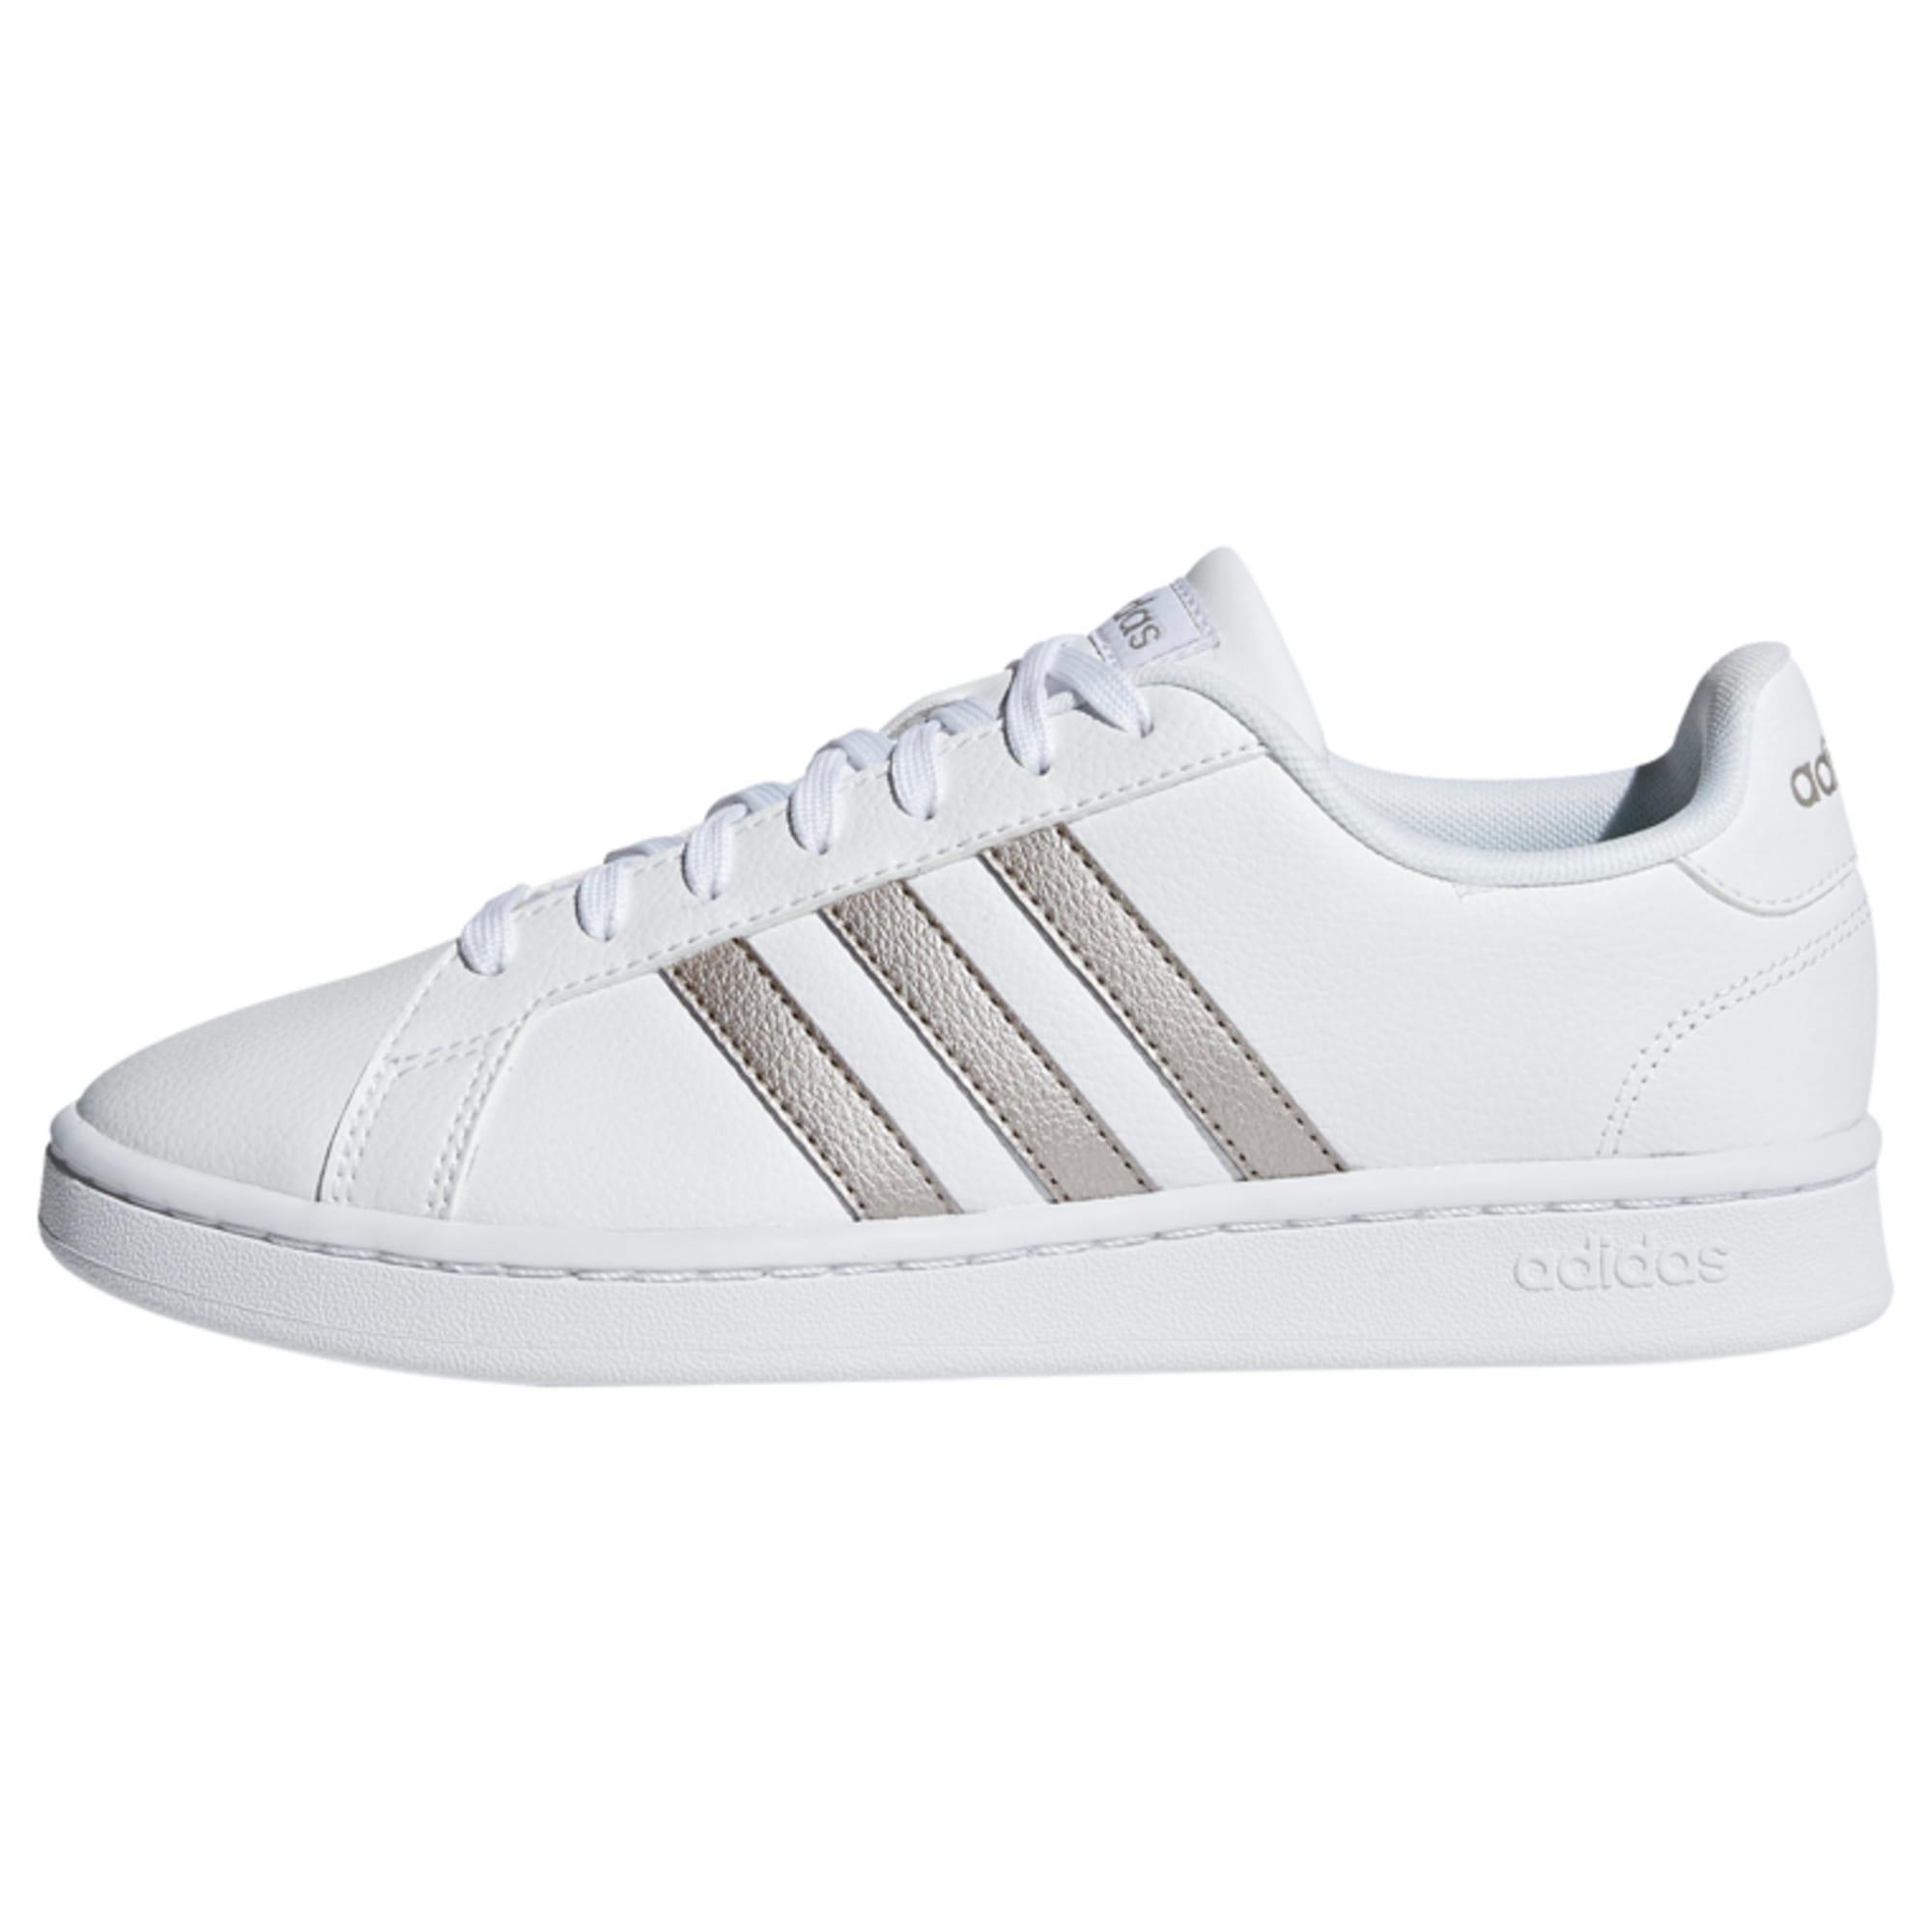 adidas Grand Court Schuh Sneaker Damen Cloud White Platin Met. Cloud White im Online Shop von SportScheck kaufen